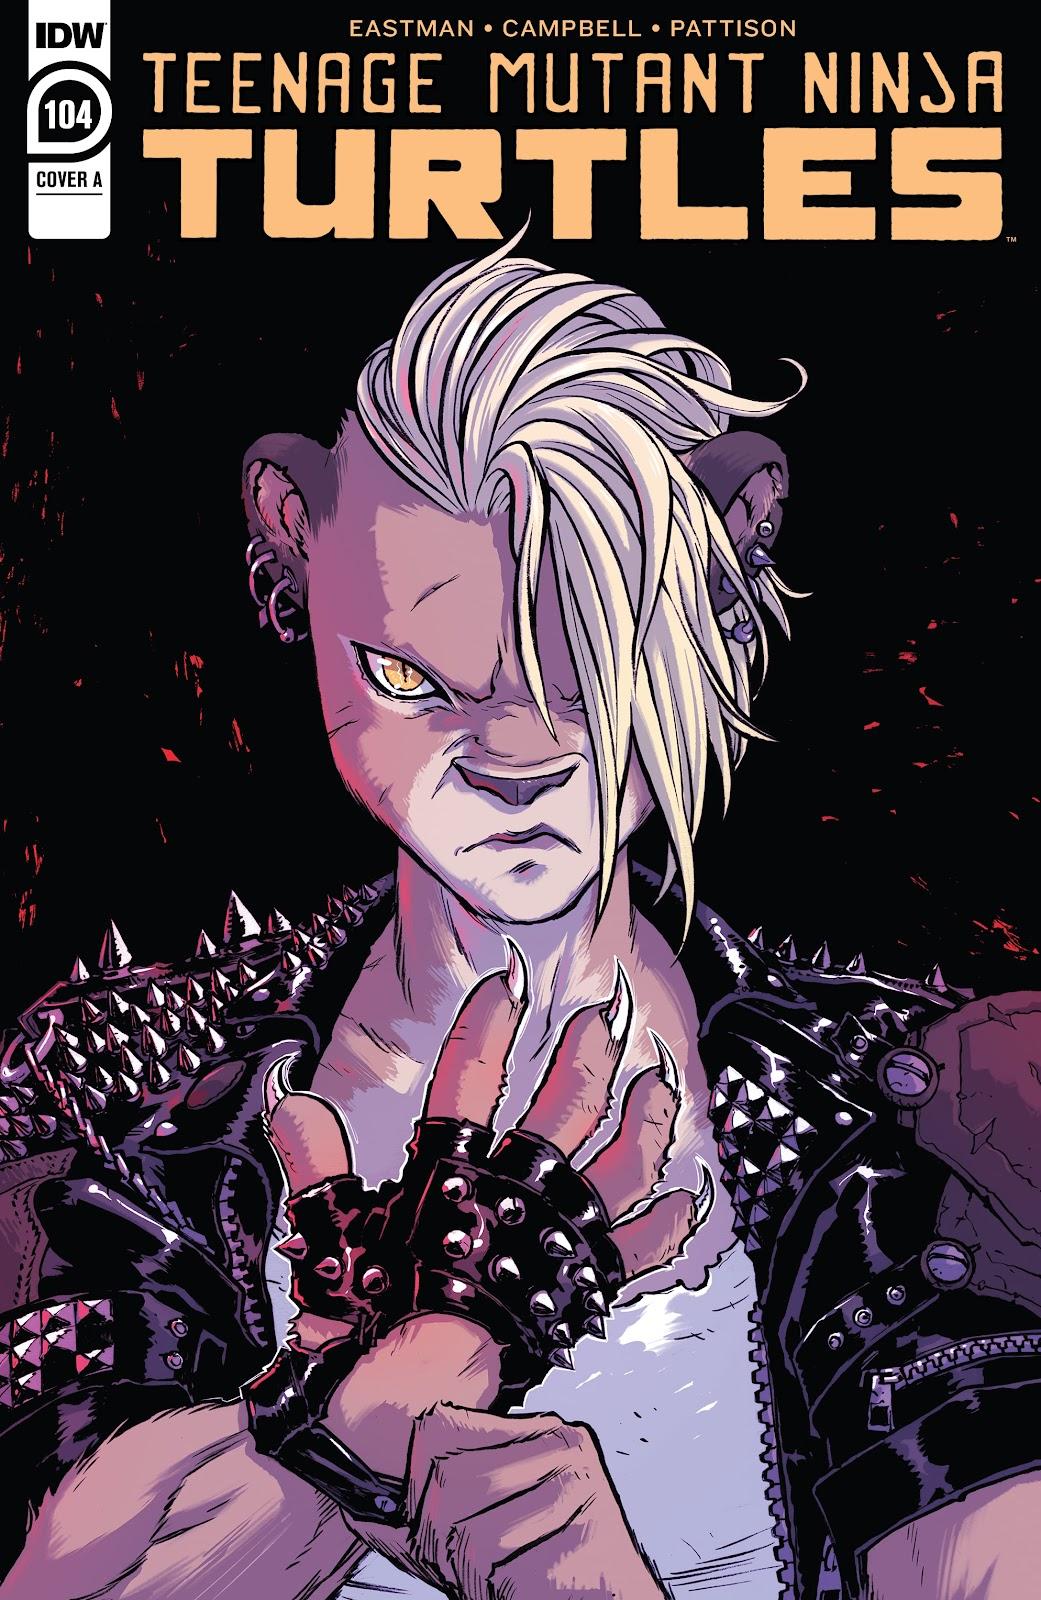 Read online Teenage Mutant Ninja Turtles (2011) comic -  Issue #104 - 1